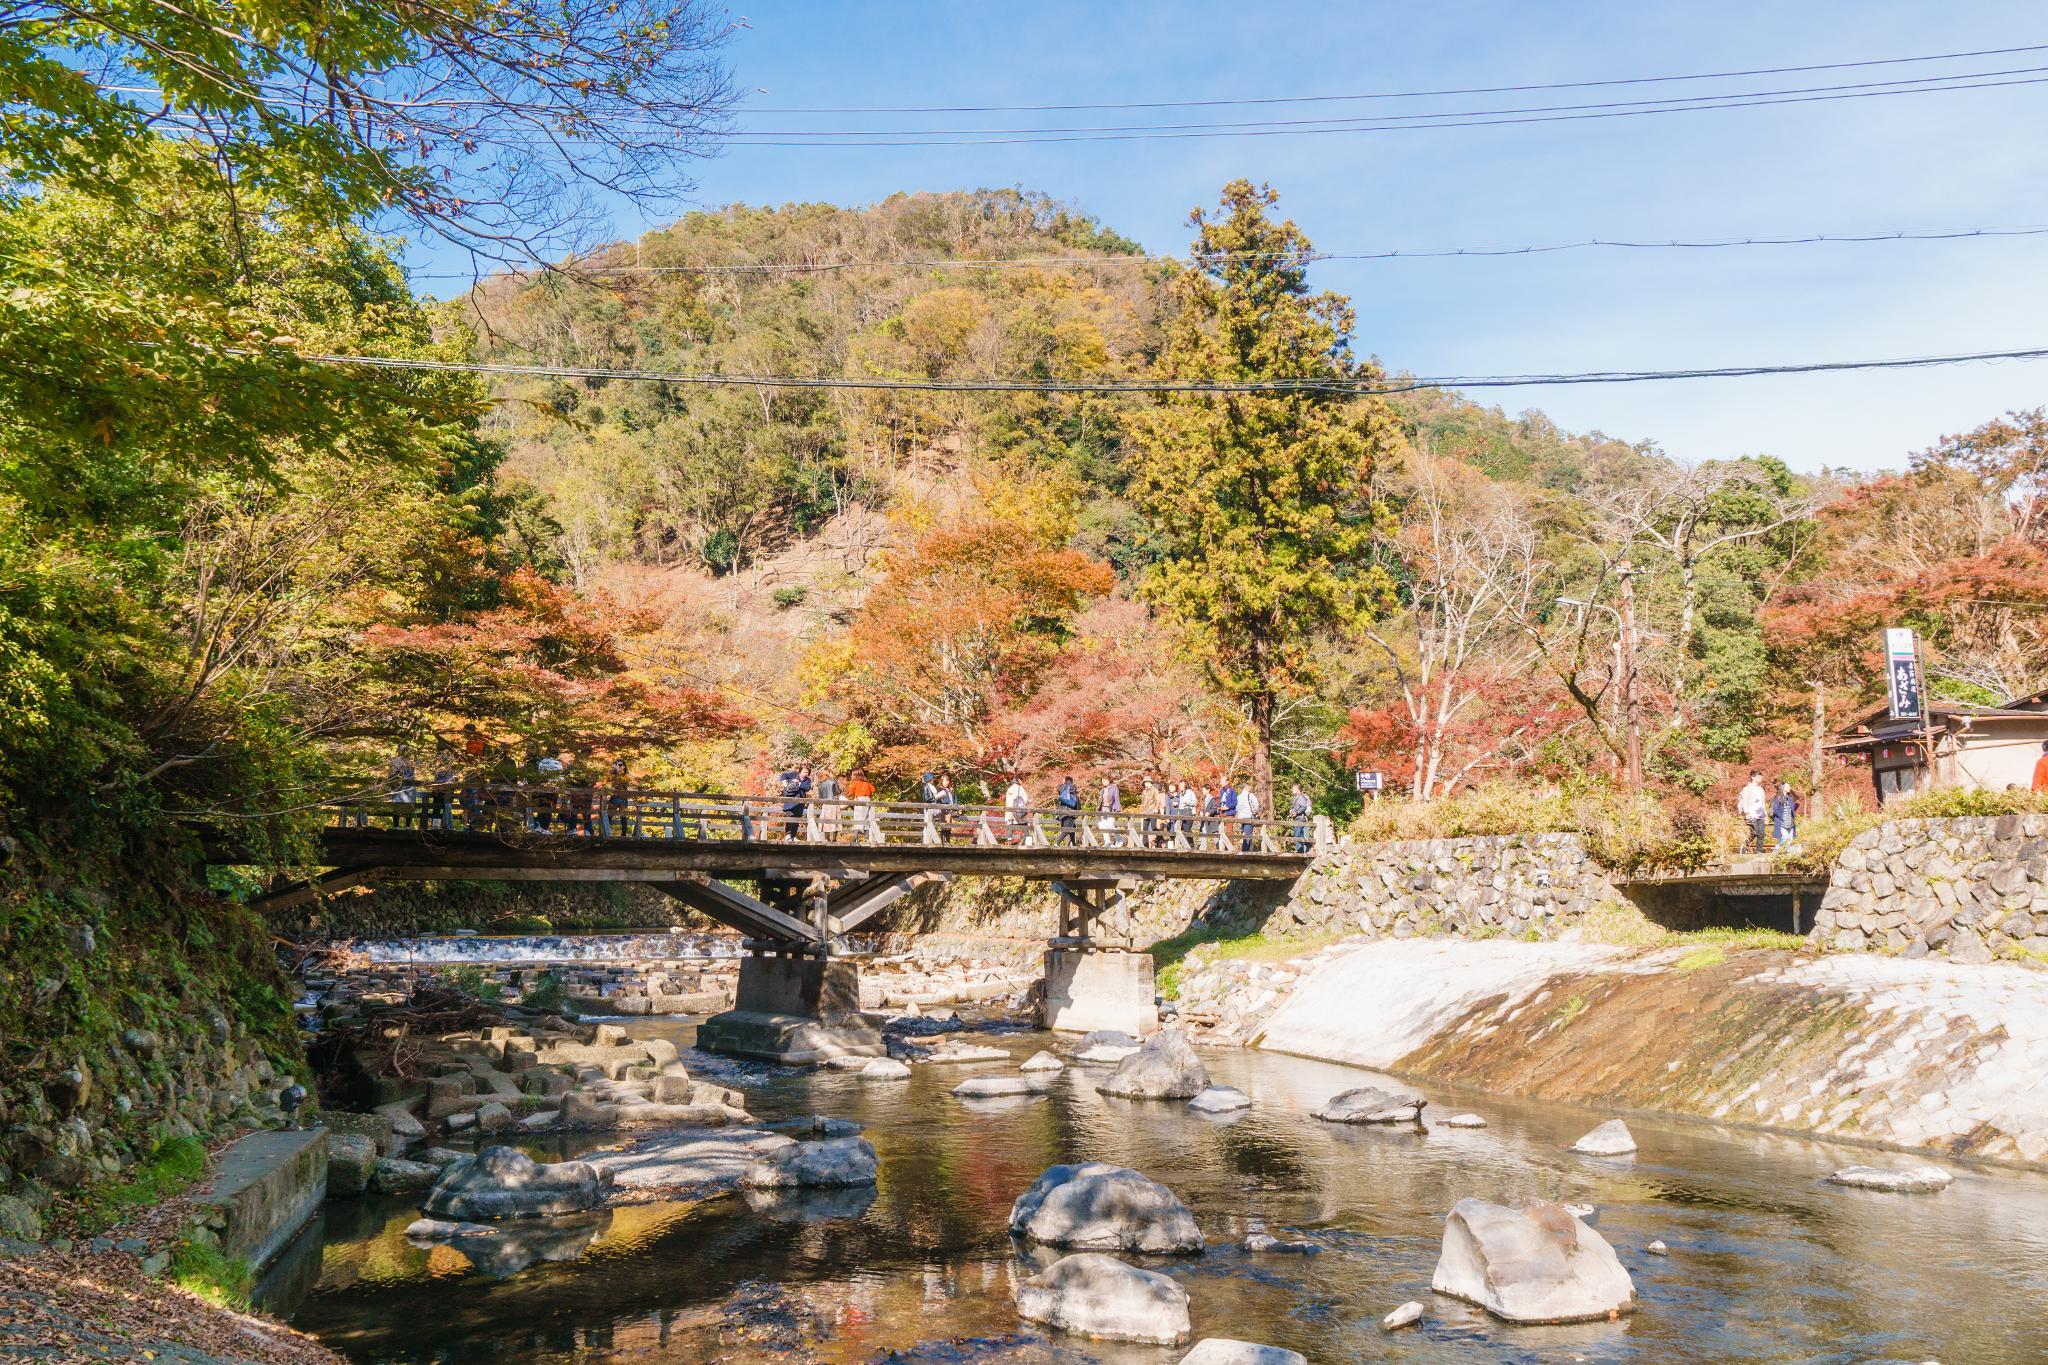 【京都】如夢似幻的琉璃光影 - 八瀨琉璃光院 66